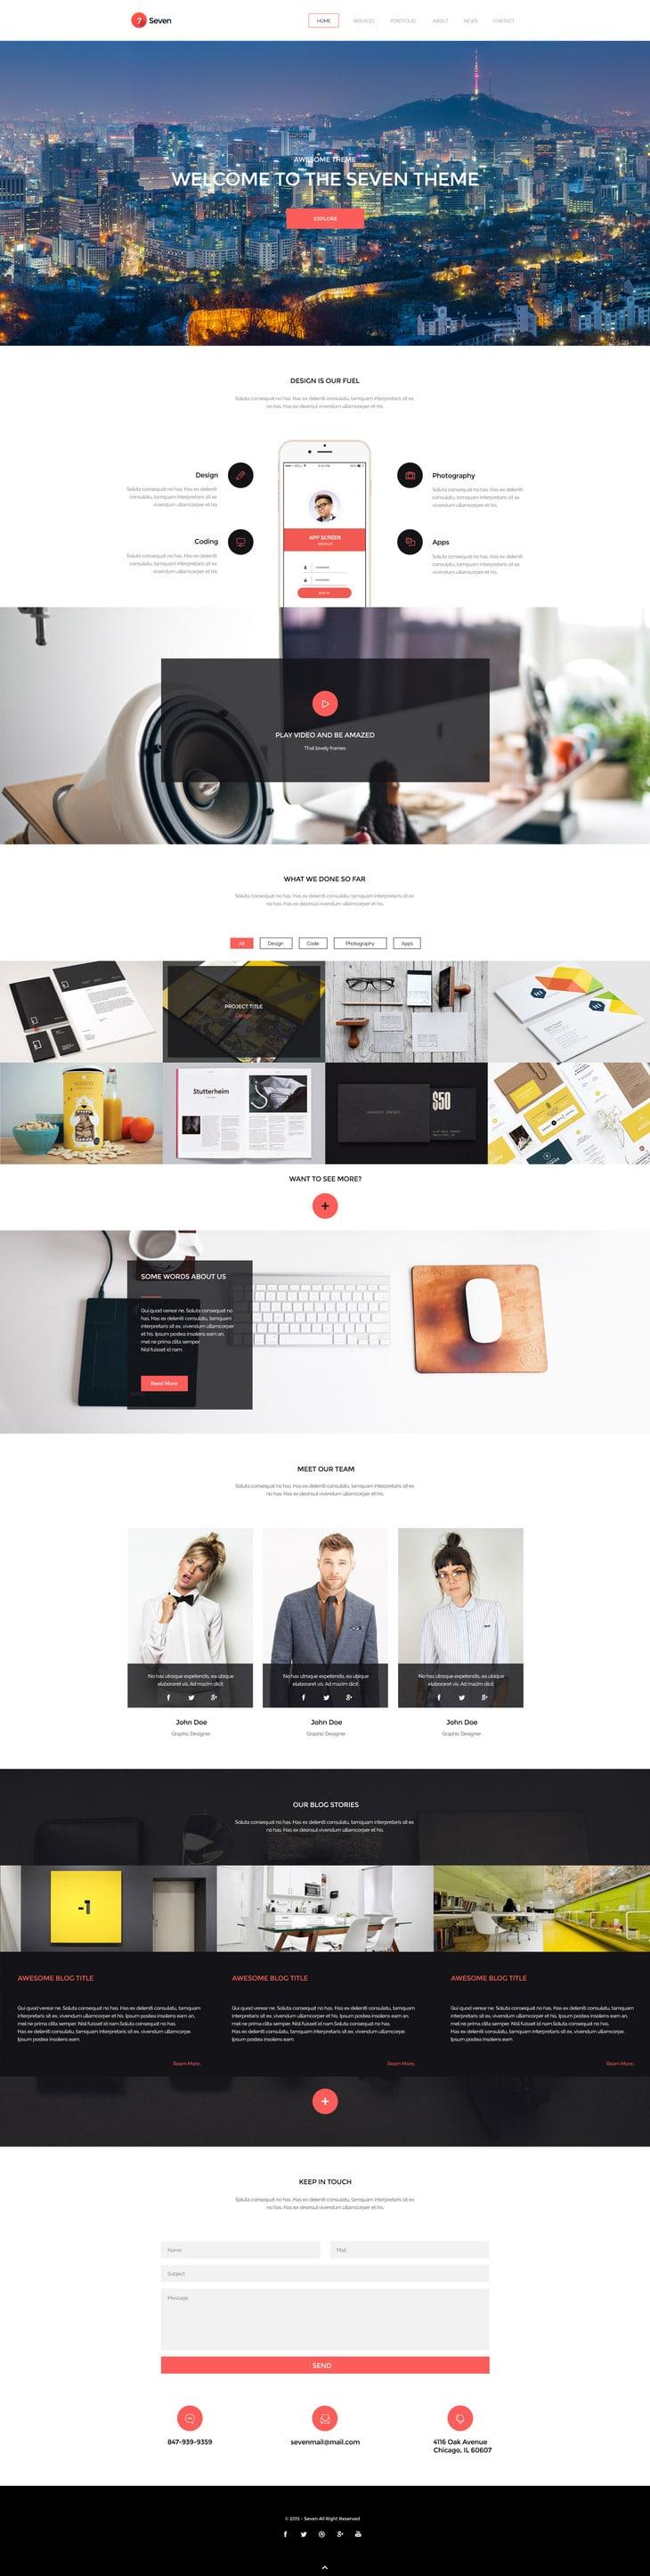 Seven - Creative Portofolio Template PSD